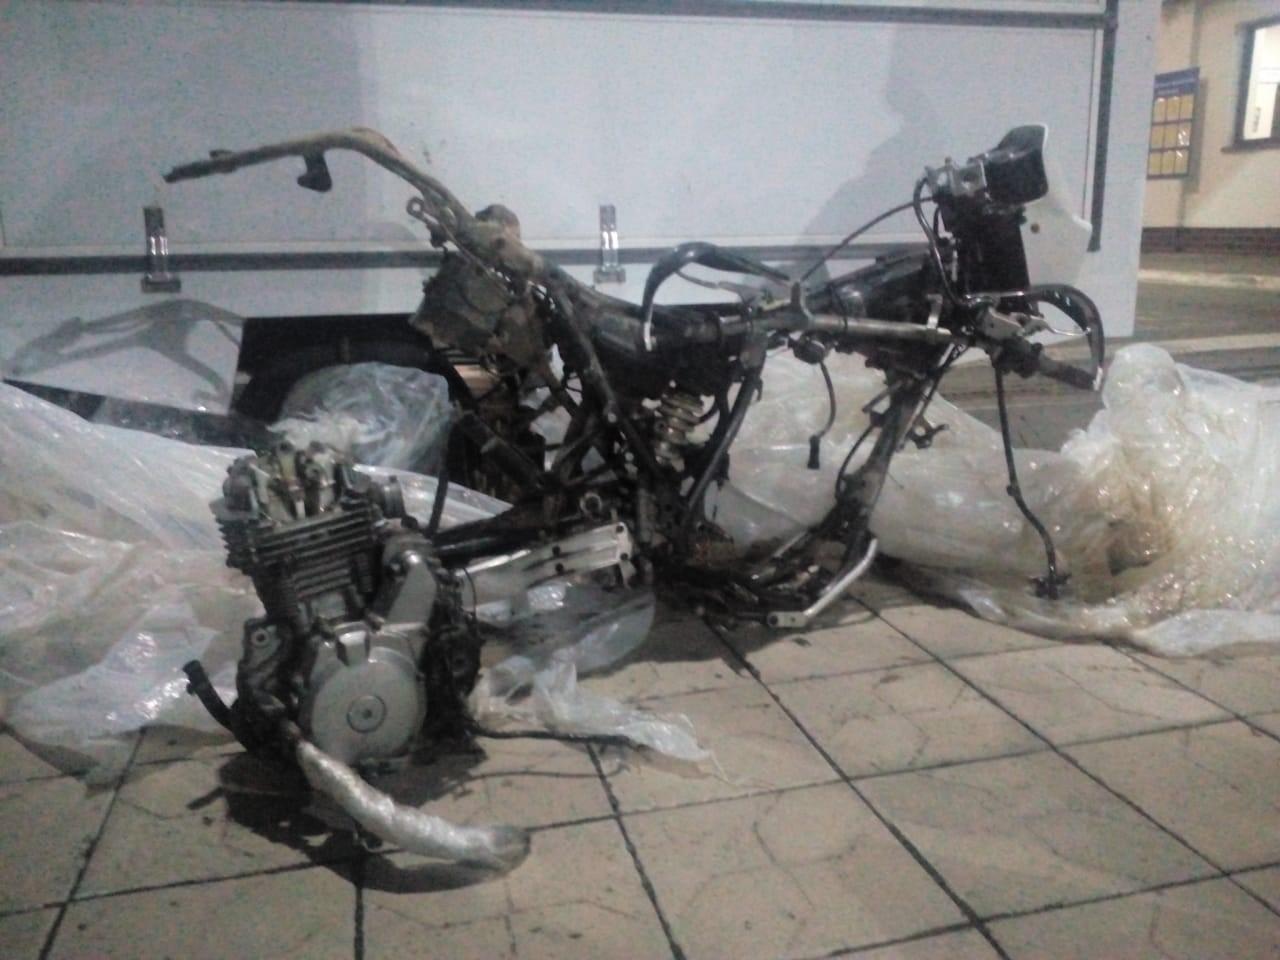 Сьогодні вночі прикордонники Чопського загону завадили спробі незаконного переміщення на територію України одиниці мототранспорту.